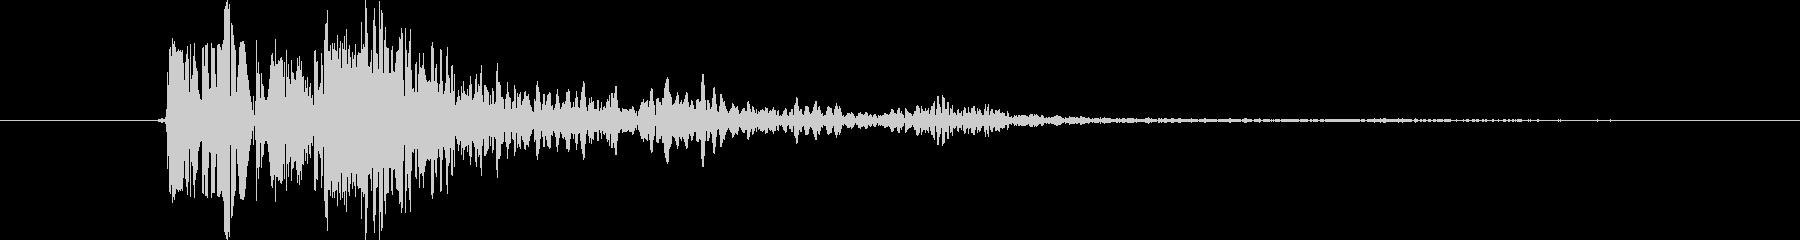 リボルバー クローズショット03の未再生の波形